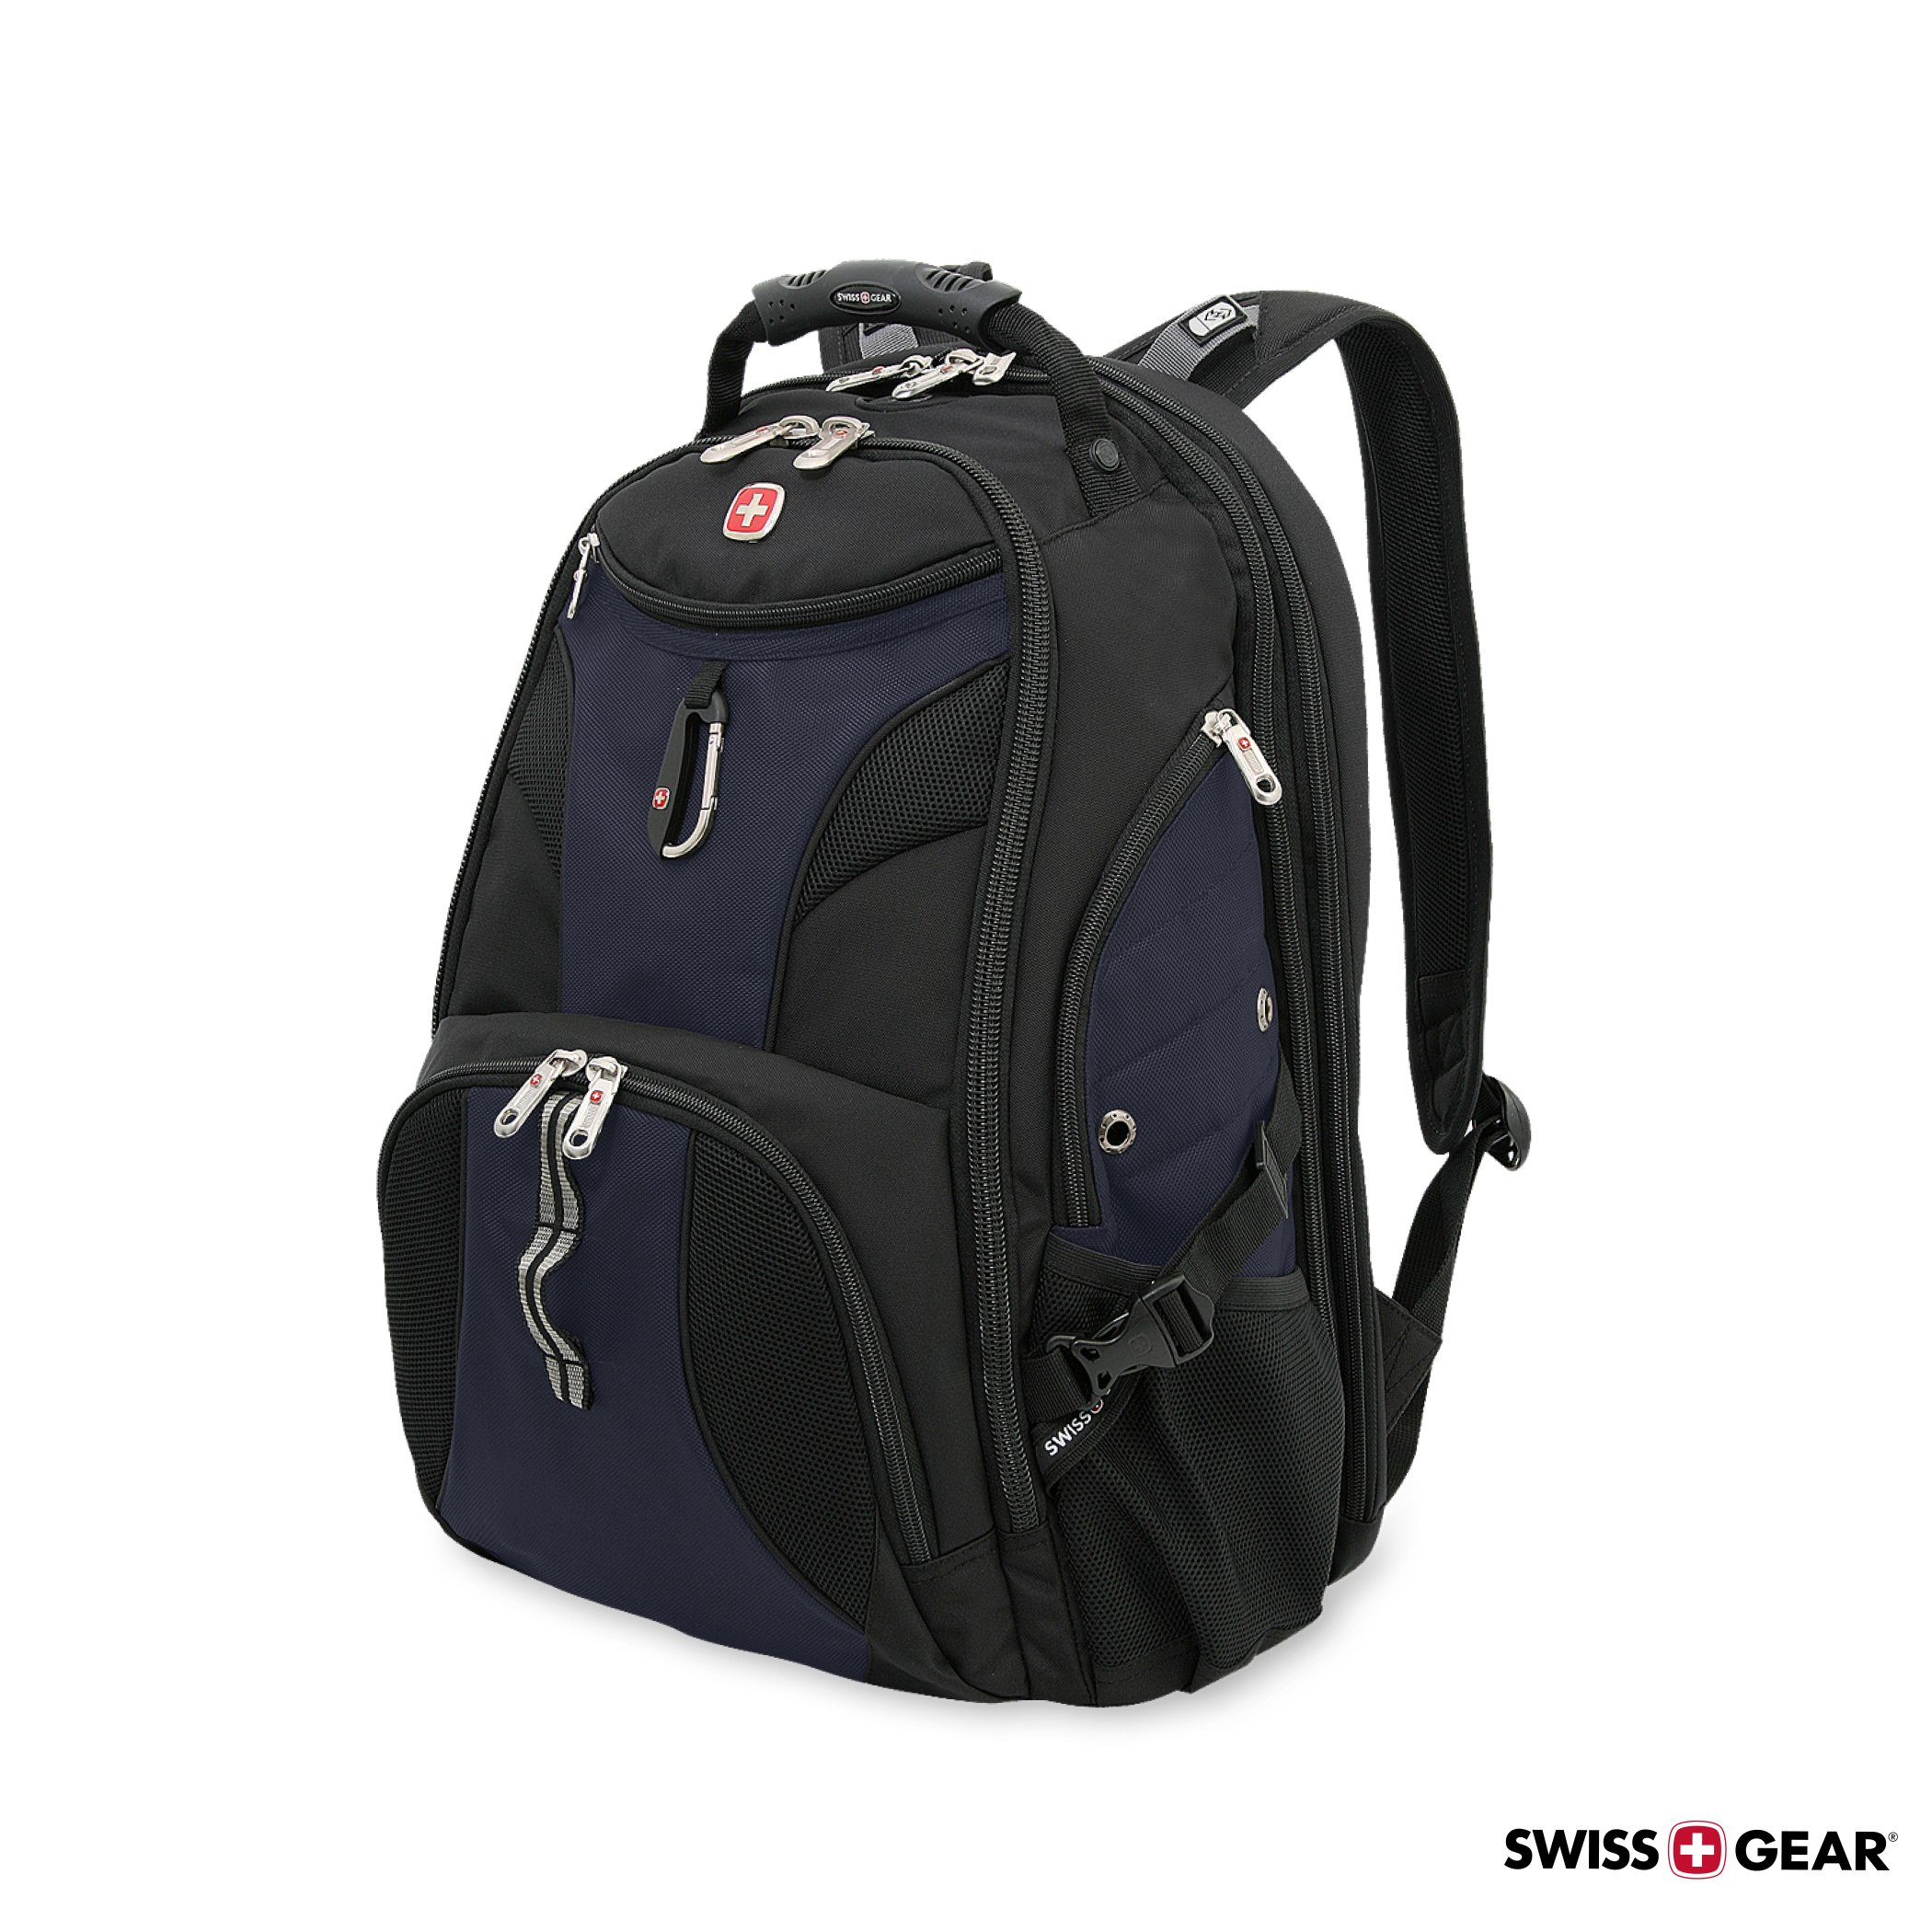 Swiss Gear Travel Gear 1900 Scansmart TSA Laptop Backpack - 19''